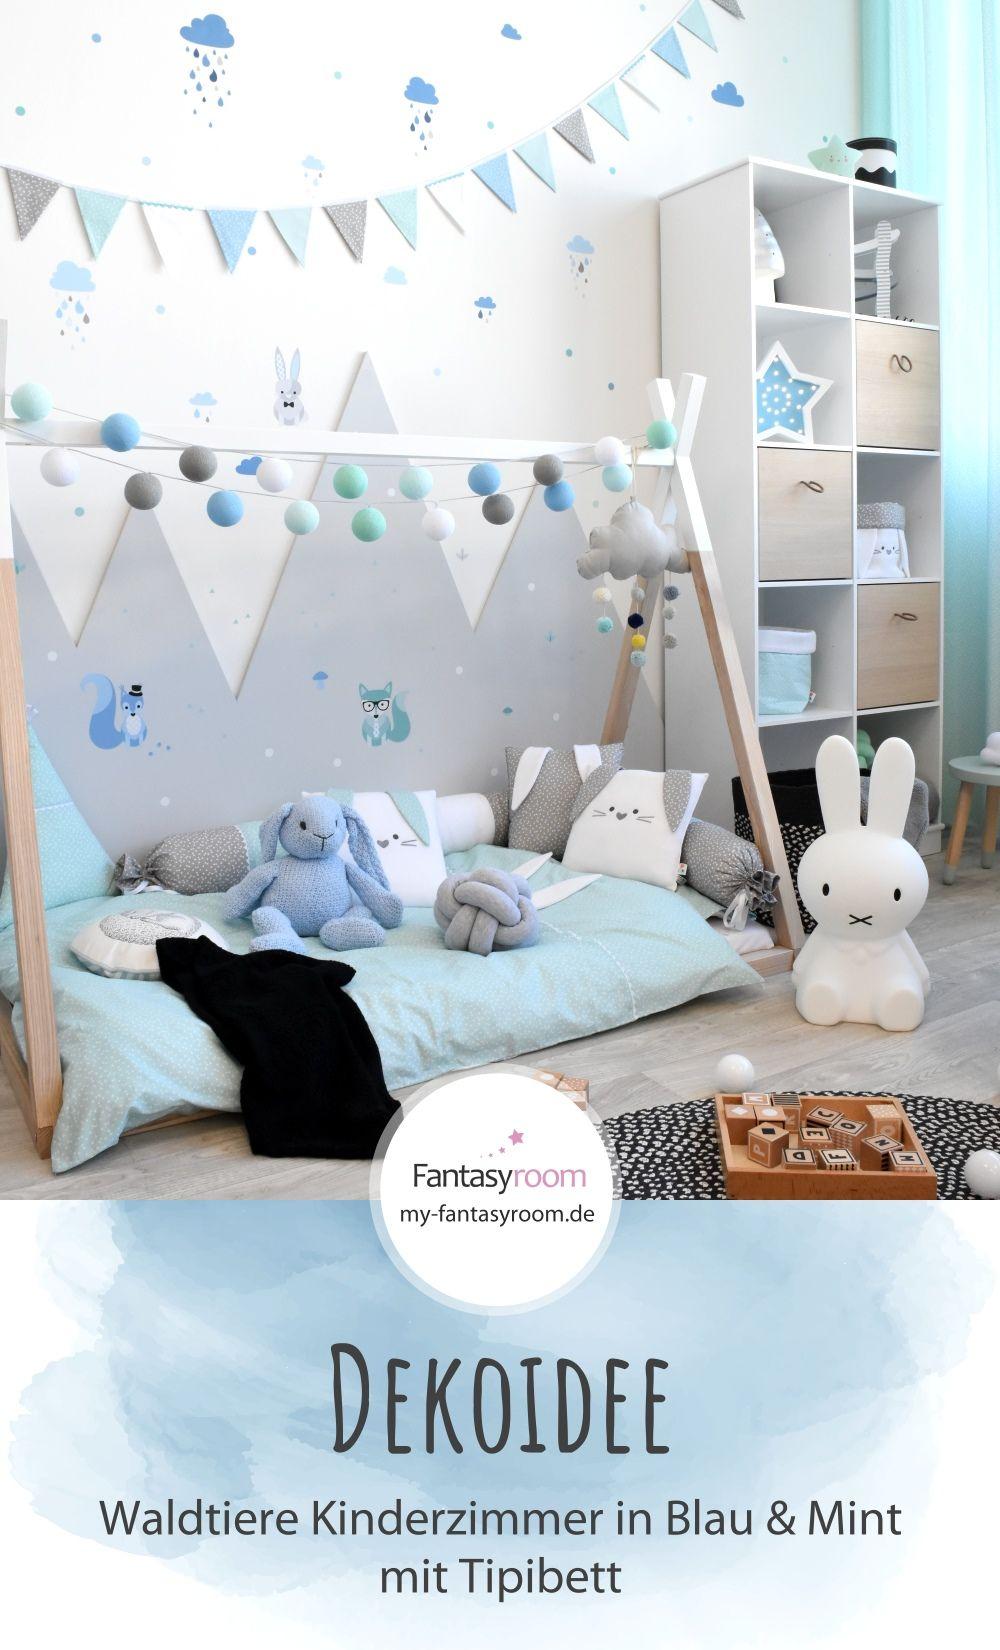 Kinderzimmer für Jungen mit Tipibett & Waldtieren